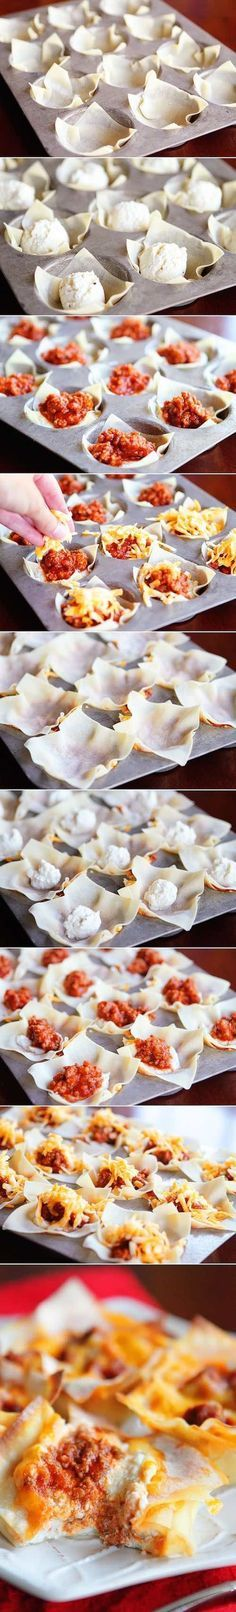 Receta de mini foods para bodas. Cómo hacer una mini lasagna. Ingredientes: bandeja para hacer muffins, envolturas de wonton, ricota, salsa de tomate y queso